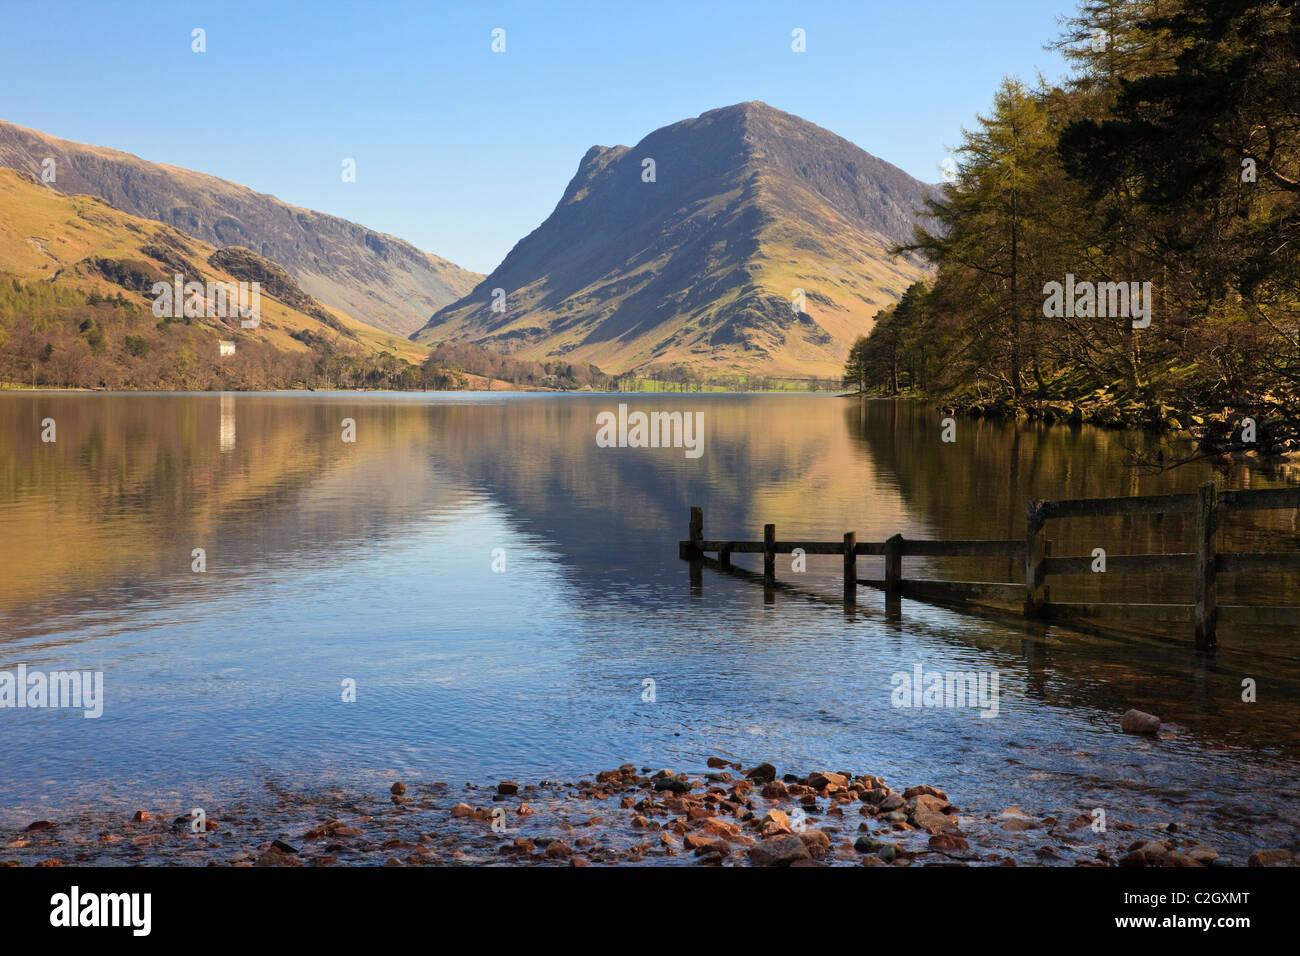 Malerische Aussicht auf die Berge Fleetwith Hecht im Buttermere See im englischen Lake District National Park wider. Stockbild